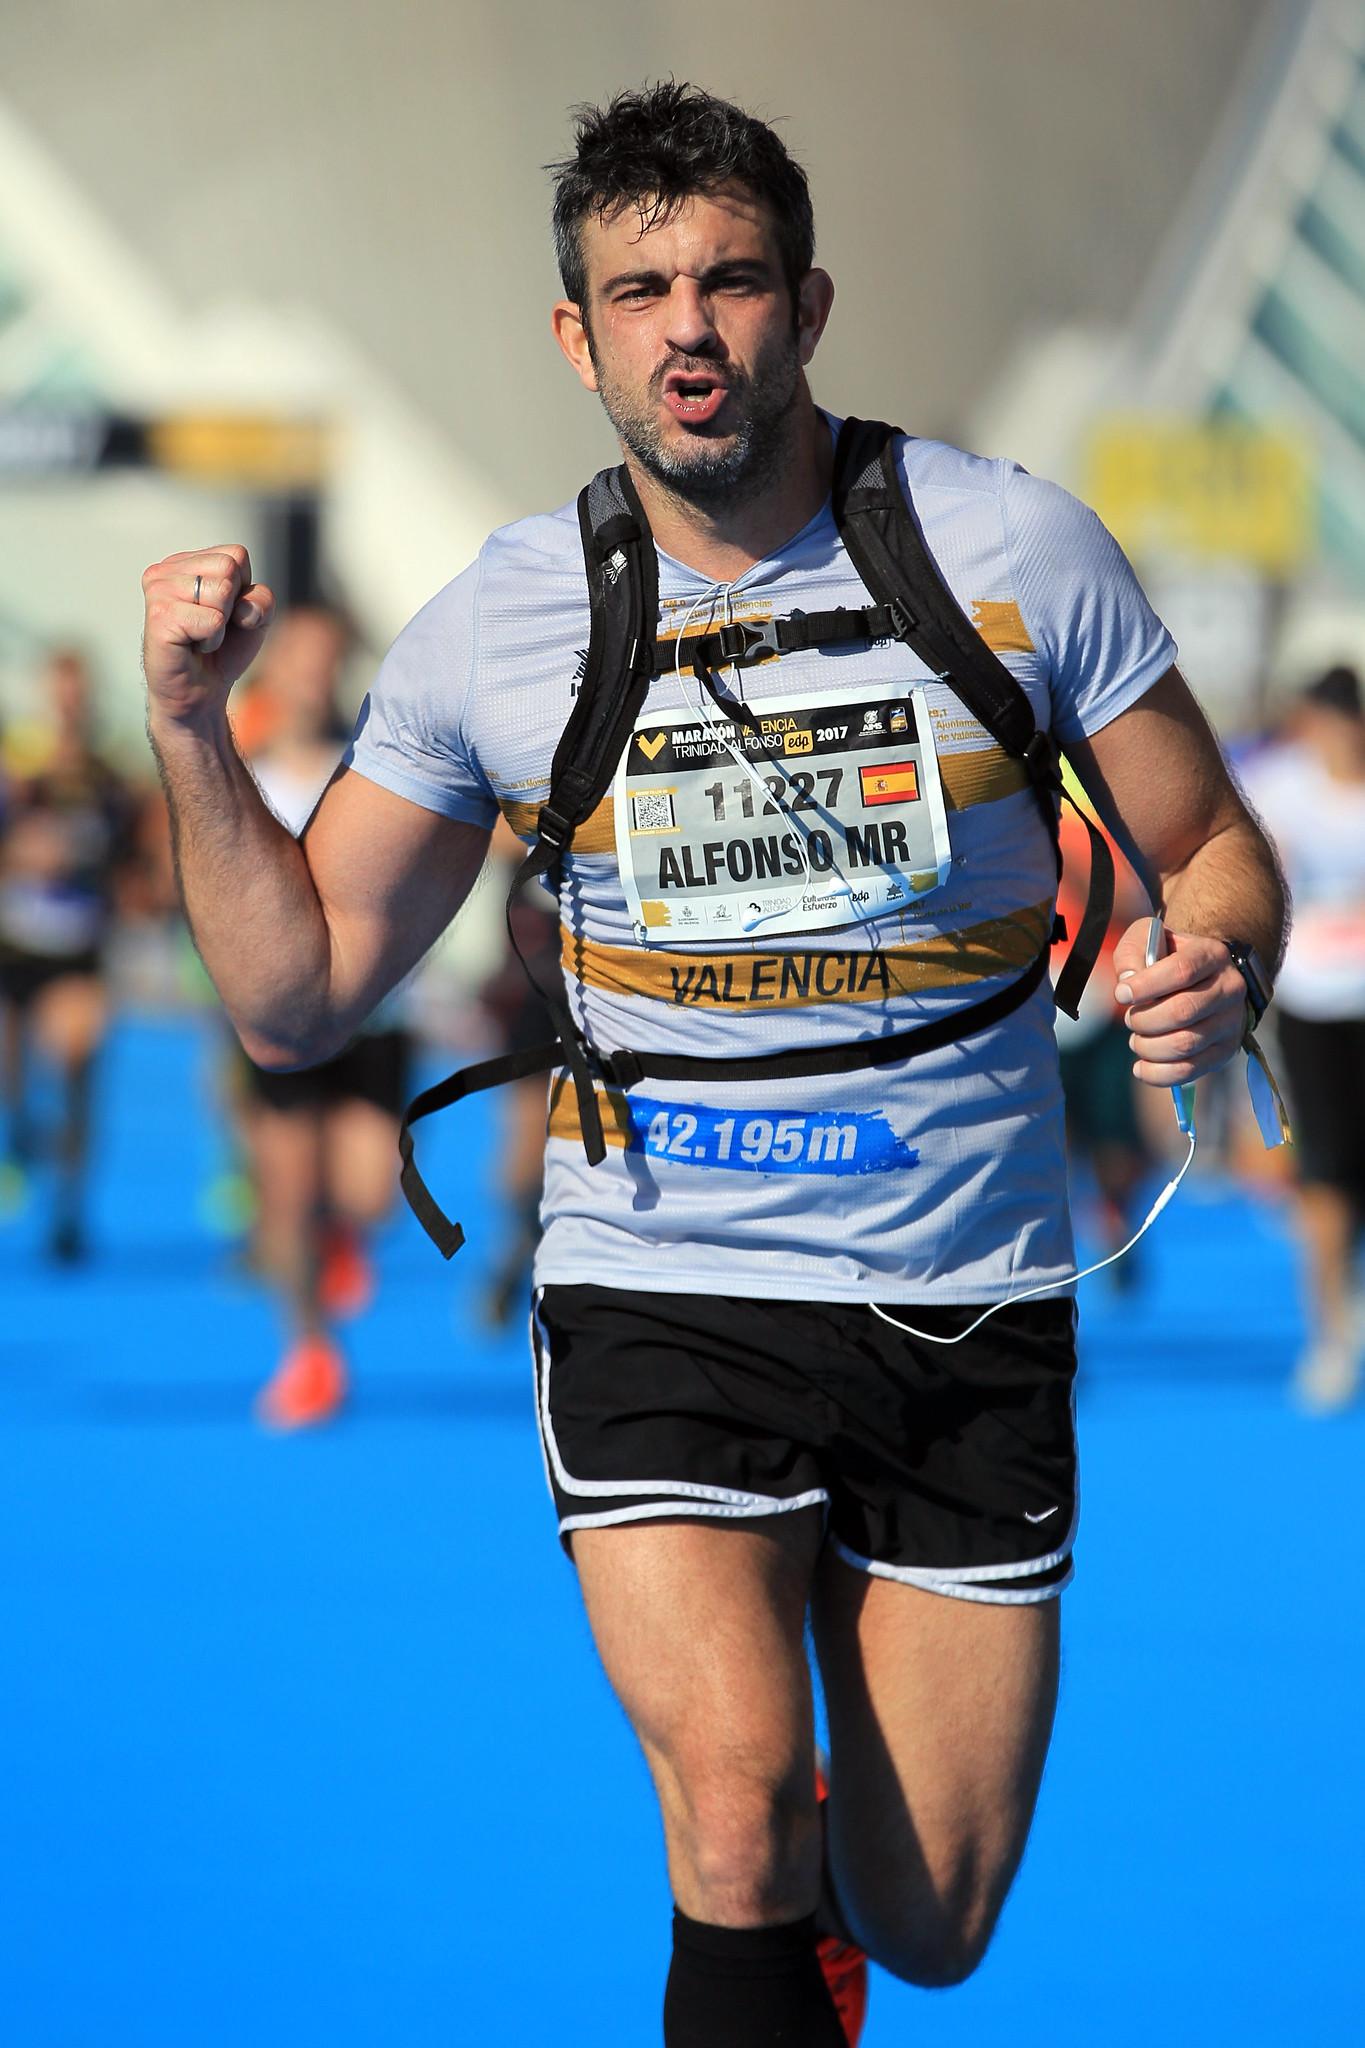 Correr el Maratón de Valencia, España - Marathon Spain maratón de valencia - 47146816592 aed27b0c7c k - Maratón de Valencia: análisis, recorrido, entrenamiento y recomendaciones de viaje